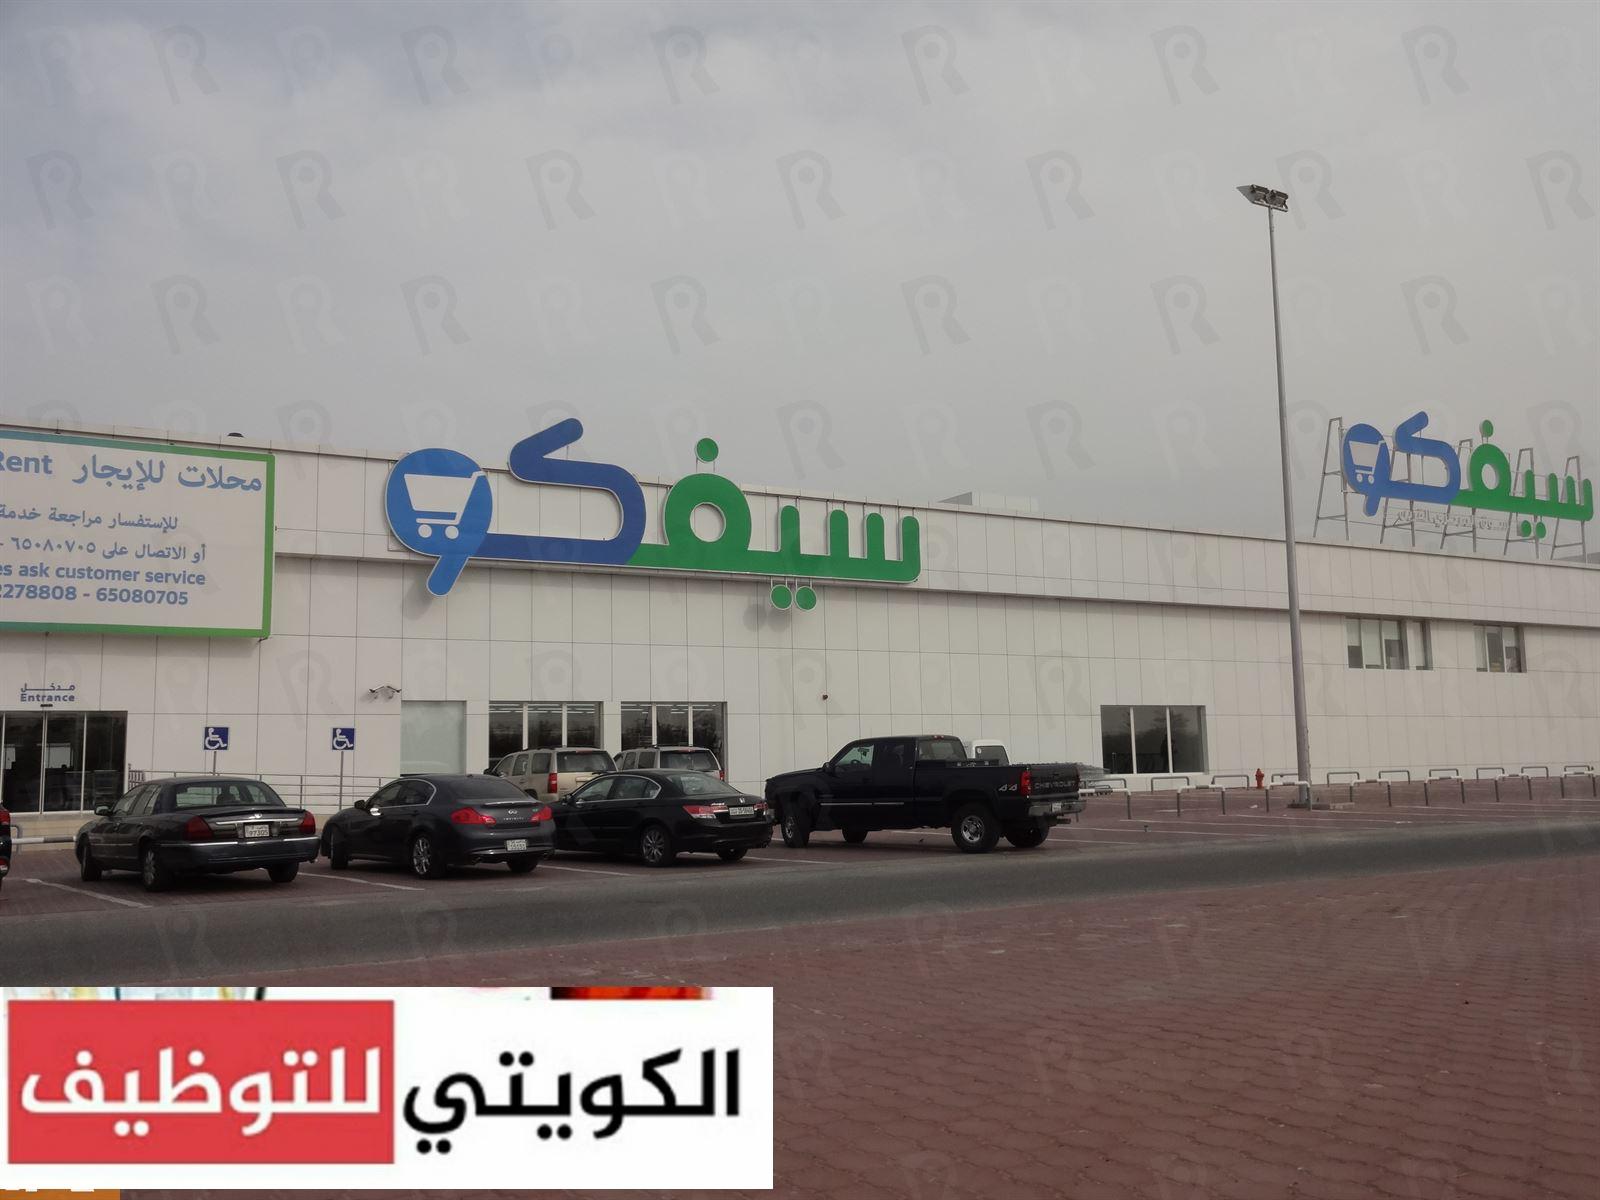 ركز ودقق فتح باب التوظيف بأسواق سيفكو بدولة الكويت لكافة الكويتيين وكافة الجنسيات المختلفة